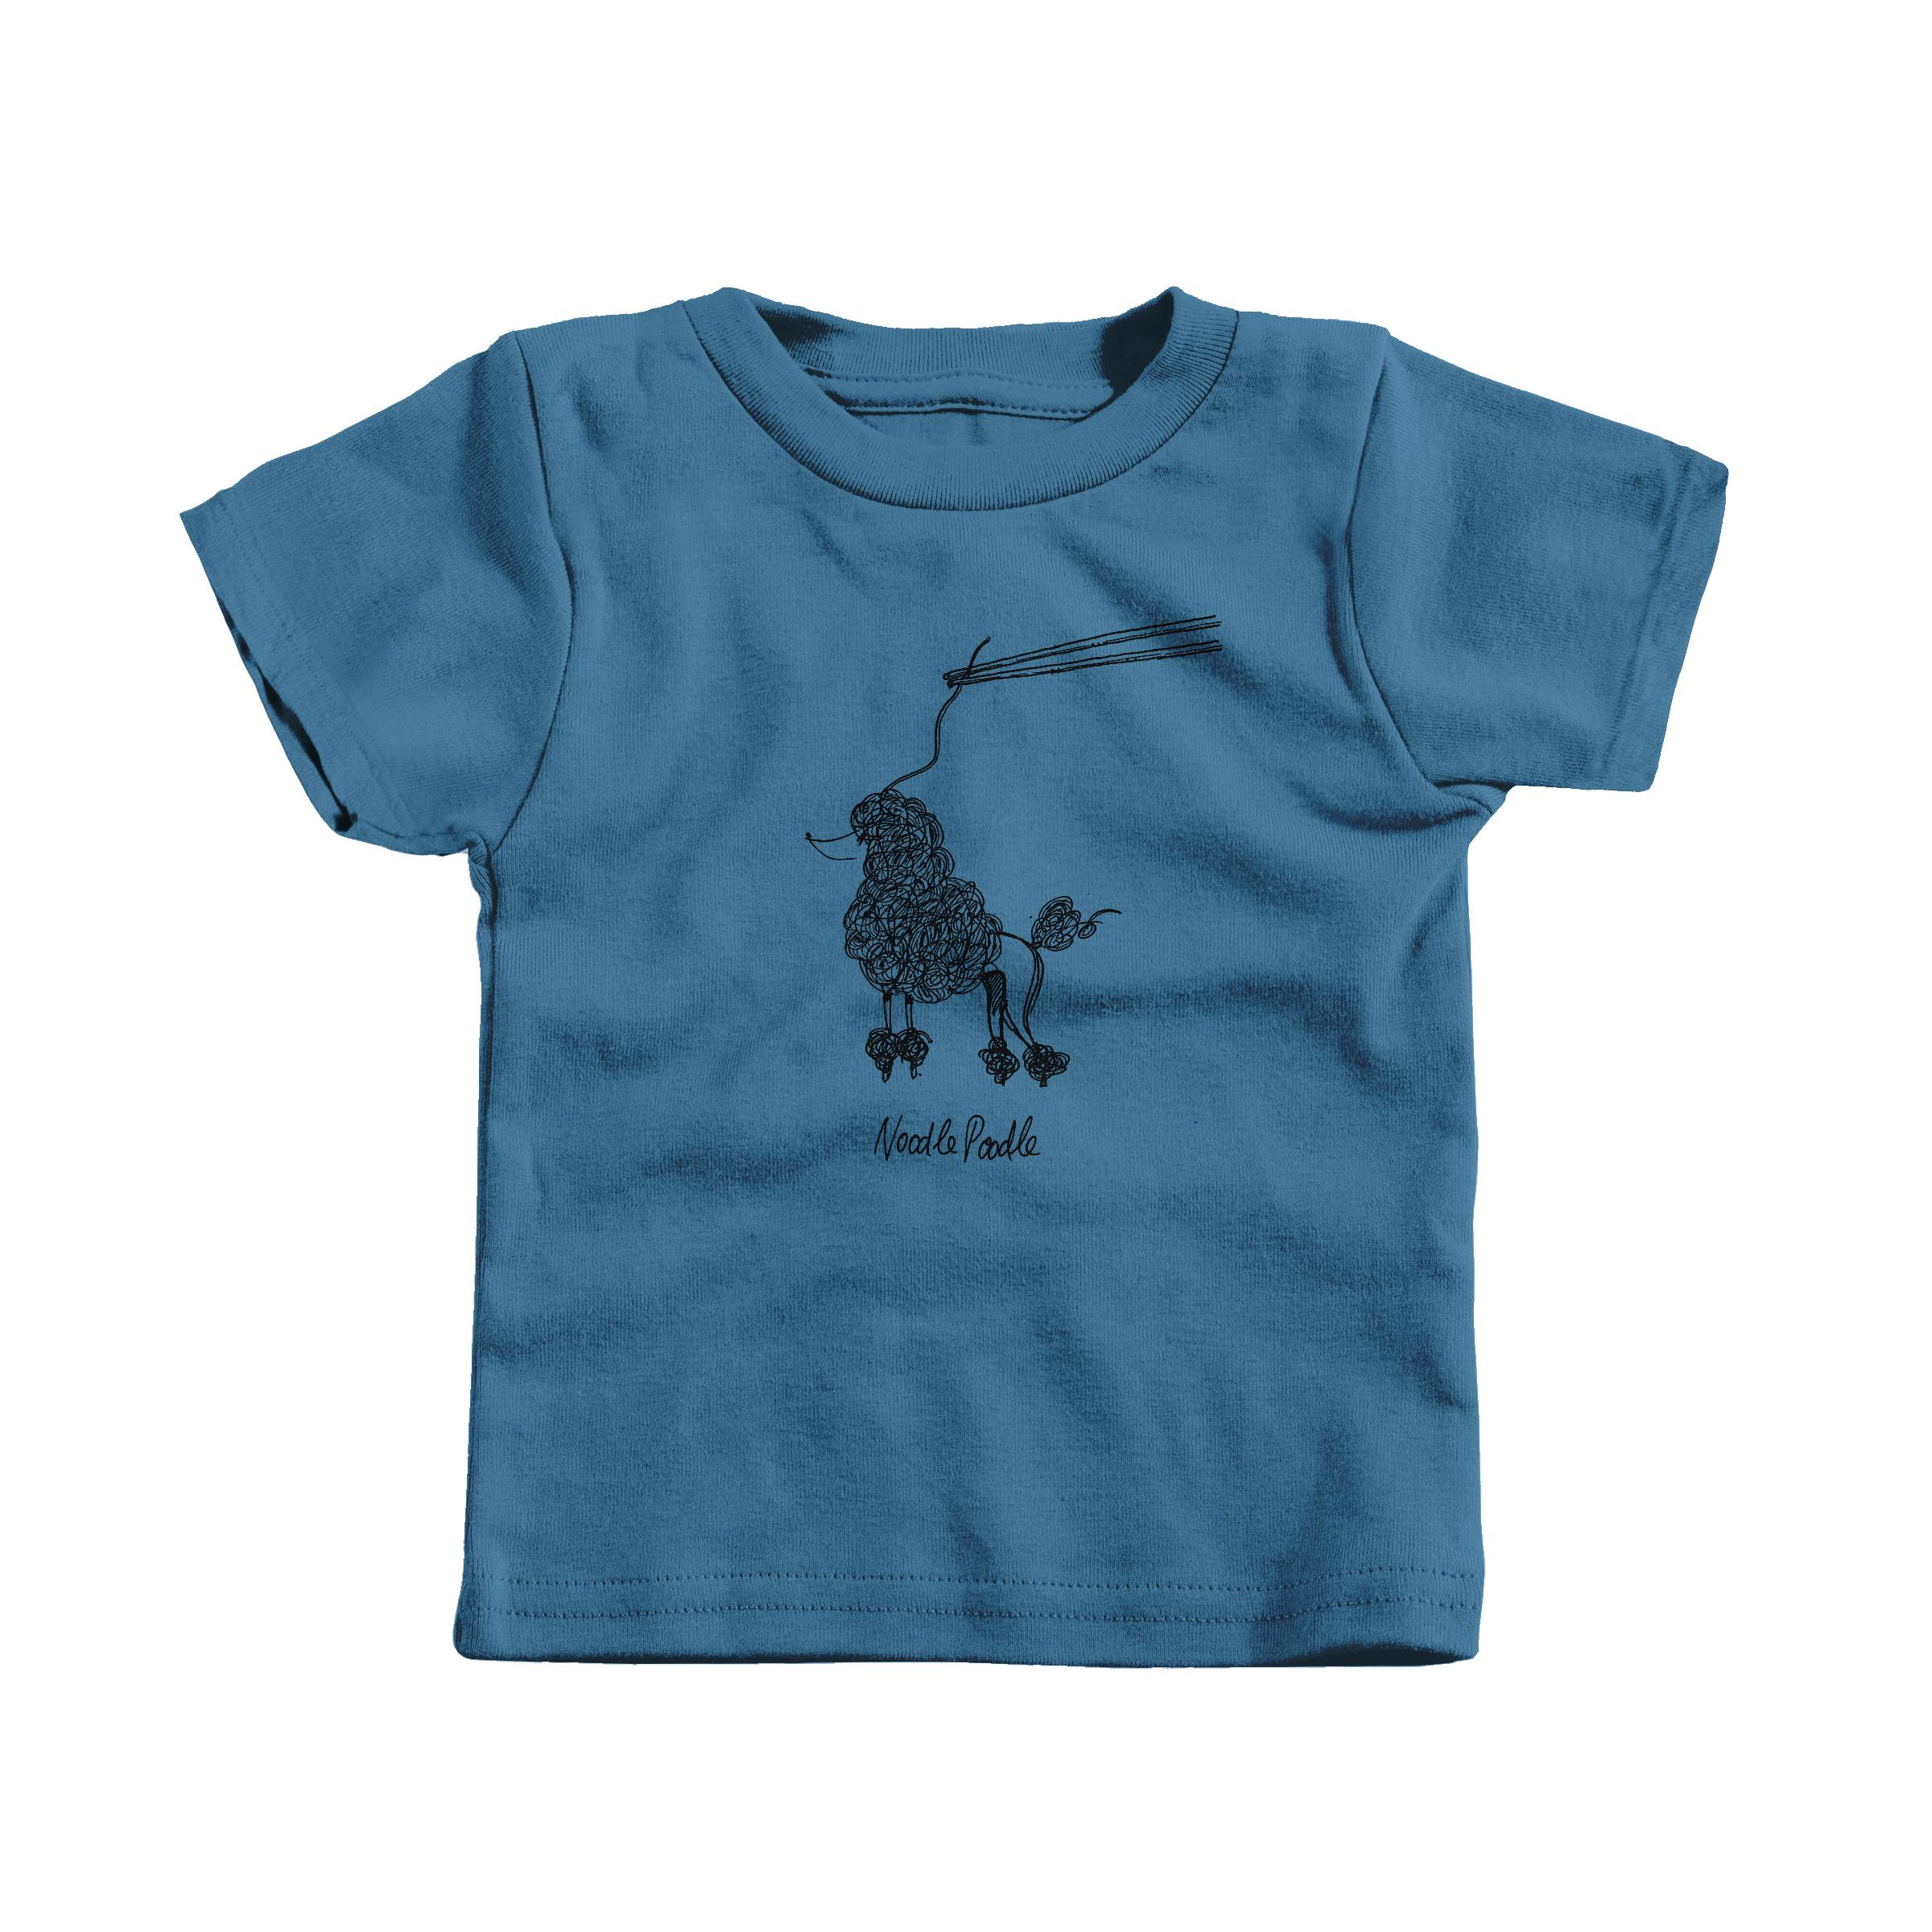 Noodle Poodle Indigo (T-Shirt)